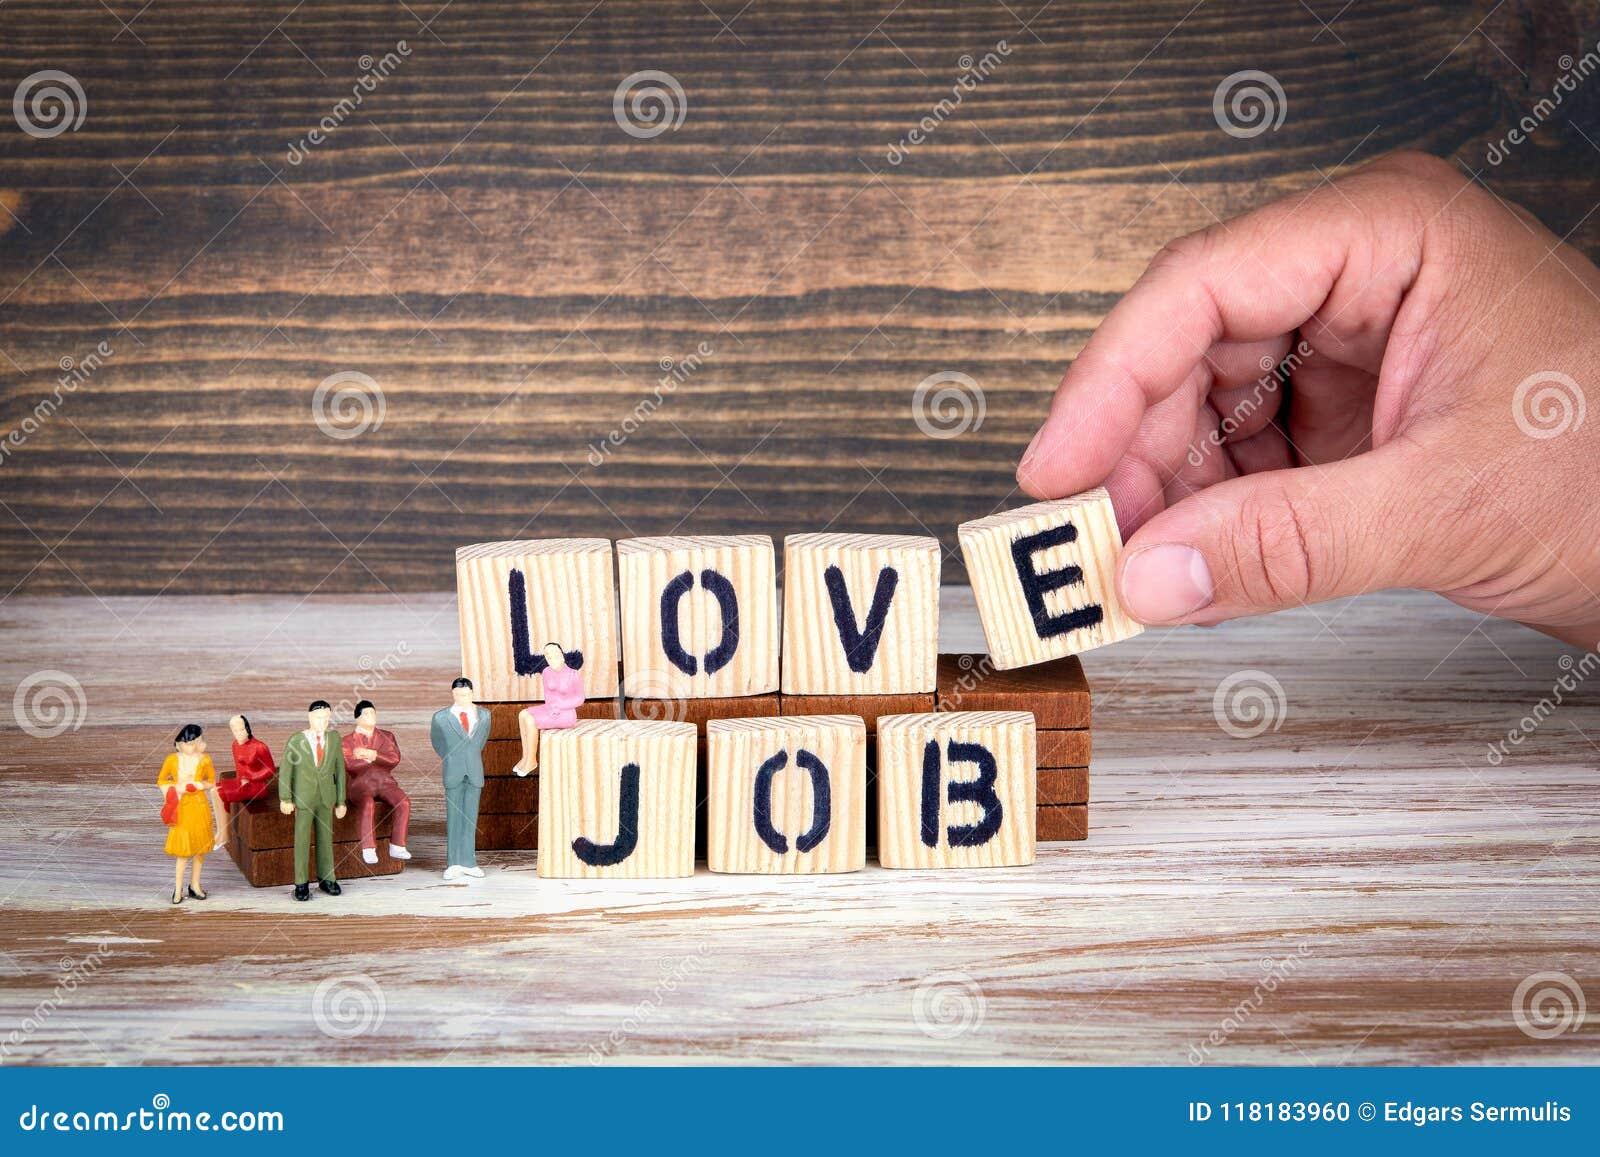 Le travail affaires et carrière d amour lettres en bois sur le